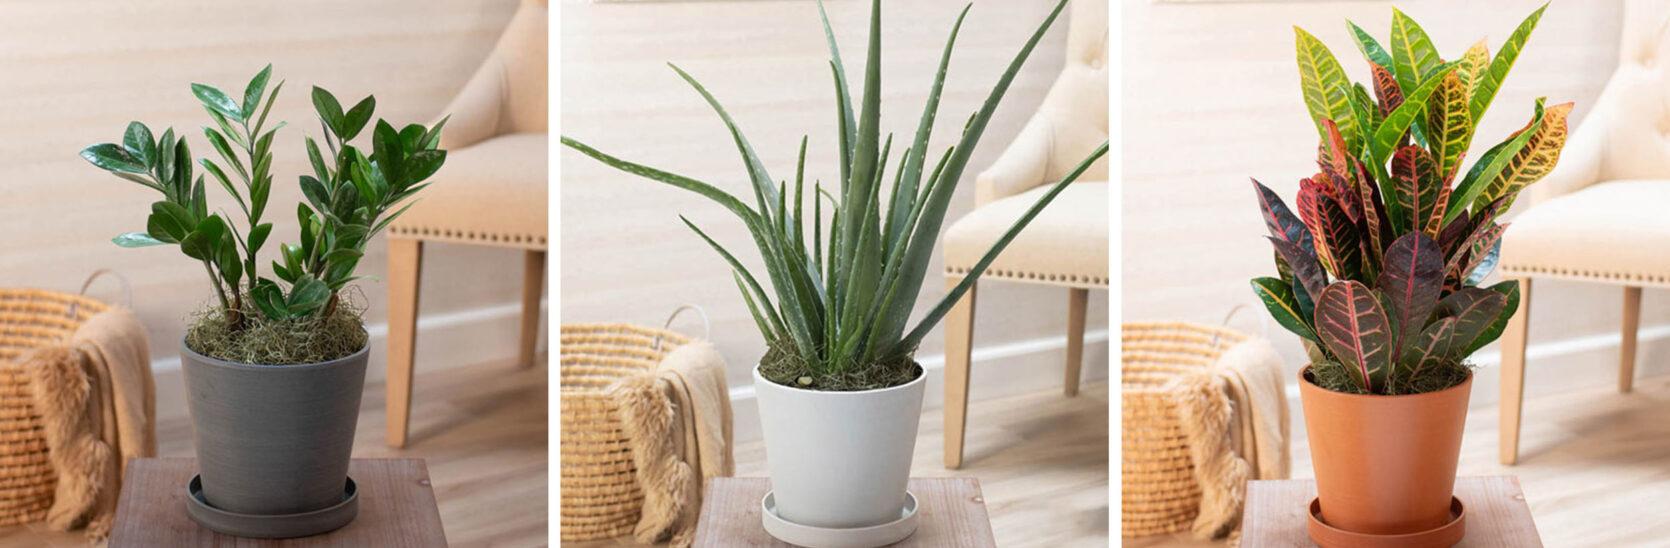 Emily Henderson Online Plant Guide brecks